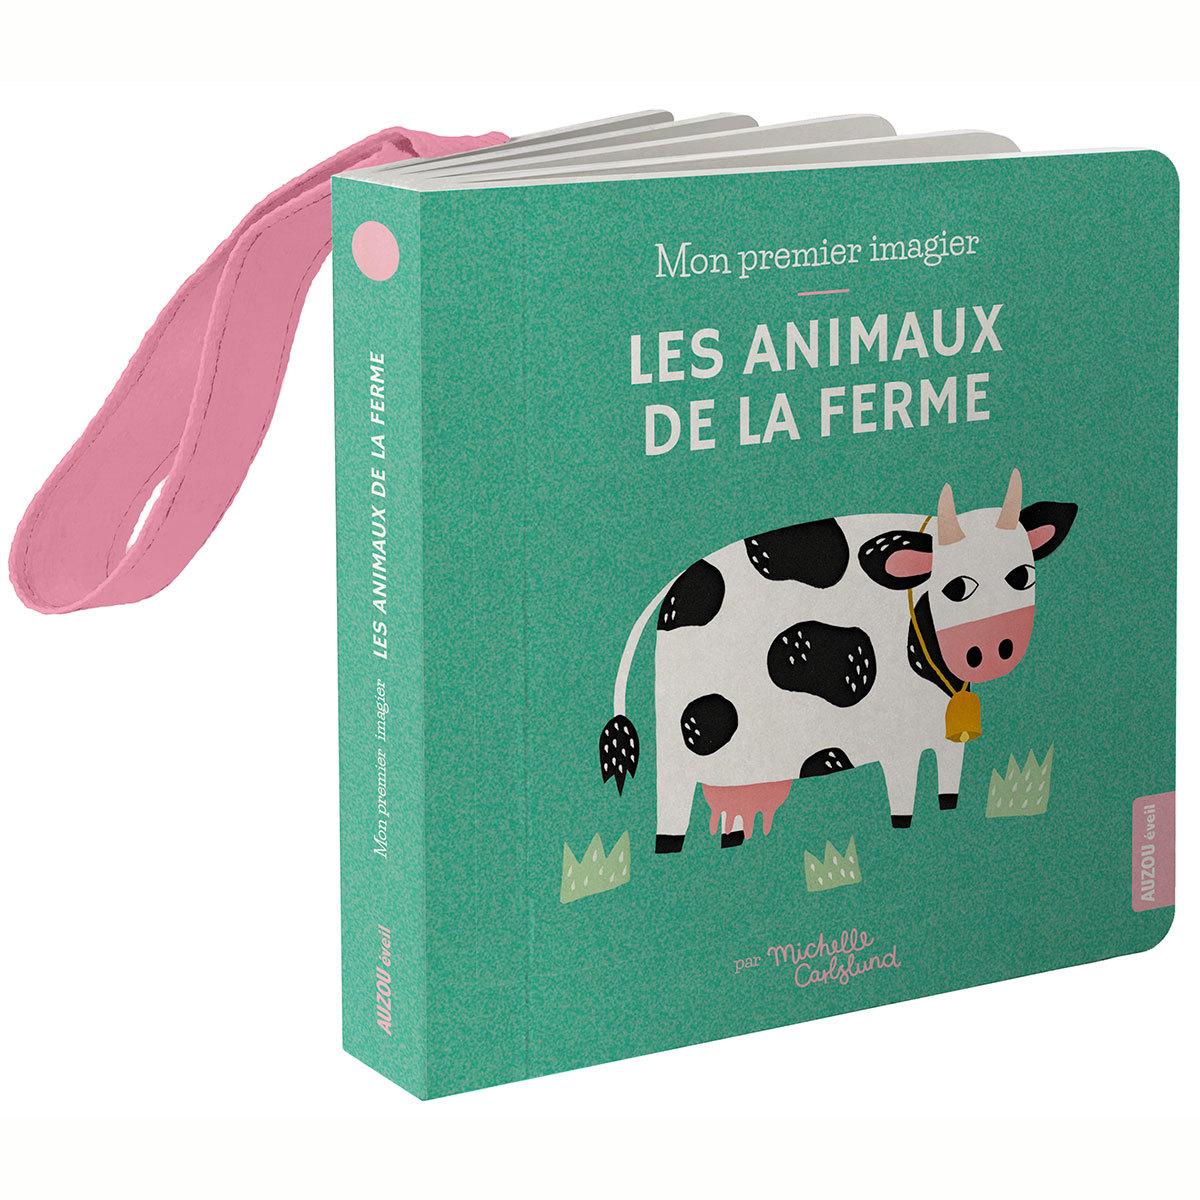 Livre & Carte Mon Premier Imagier Accroche-Poussette - Les Animaux de la Ferme Mon Premier Imagier Accroche-Poussette - Les Animaux de la Ferme